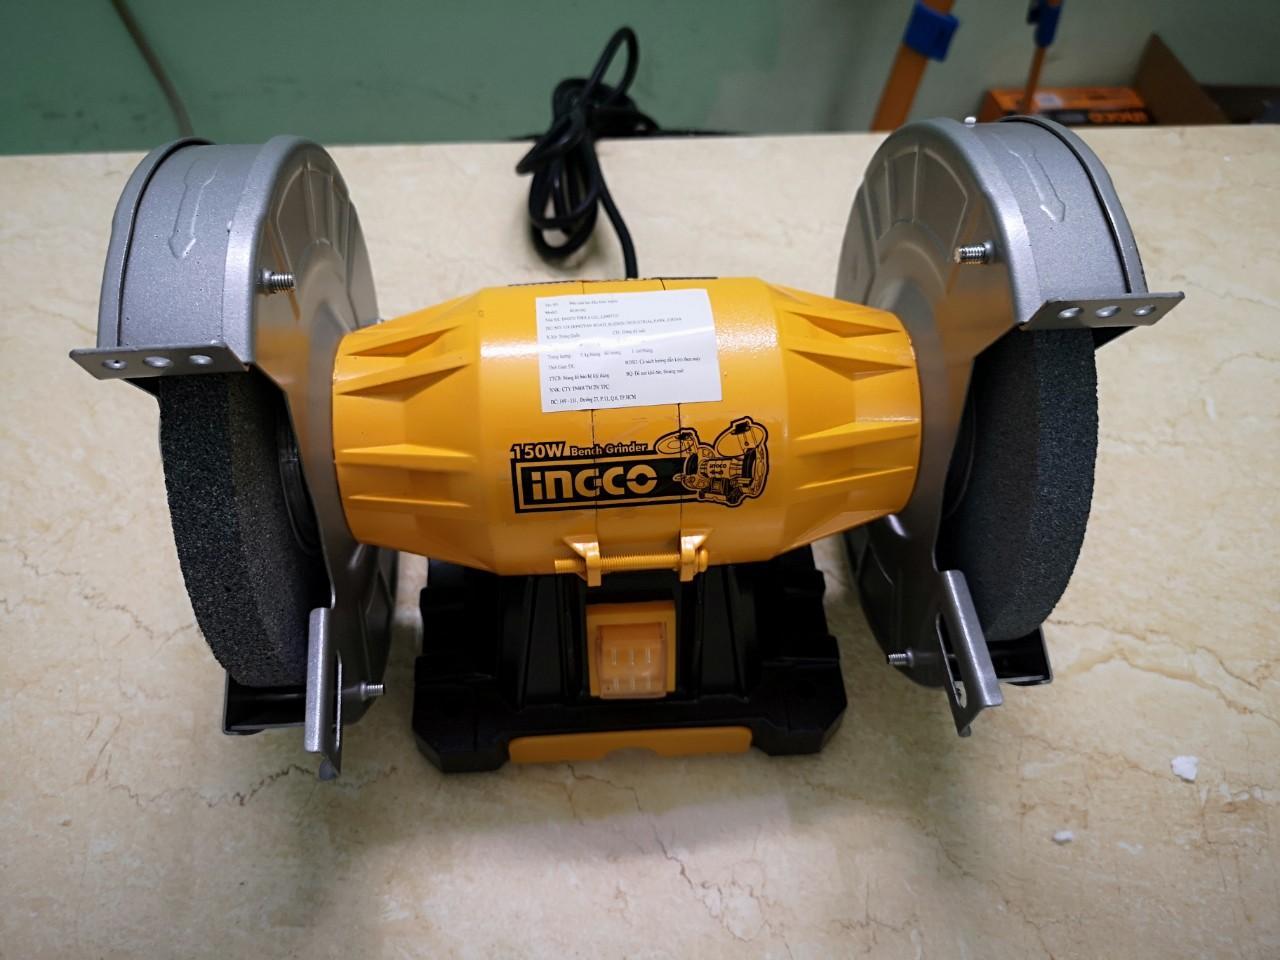 6inch (150mm) Máy mài để bàn 2 đá 150W INGCO BG61502